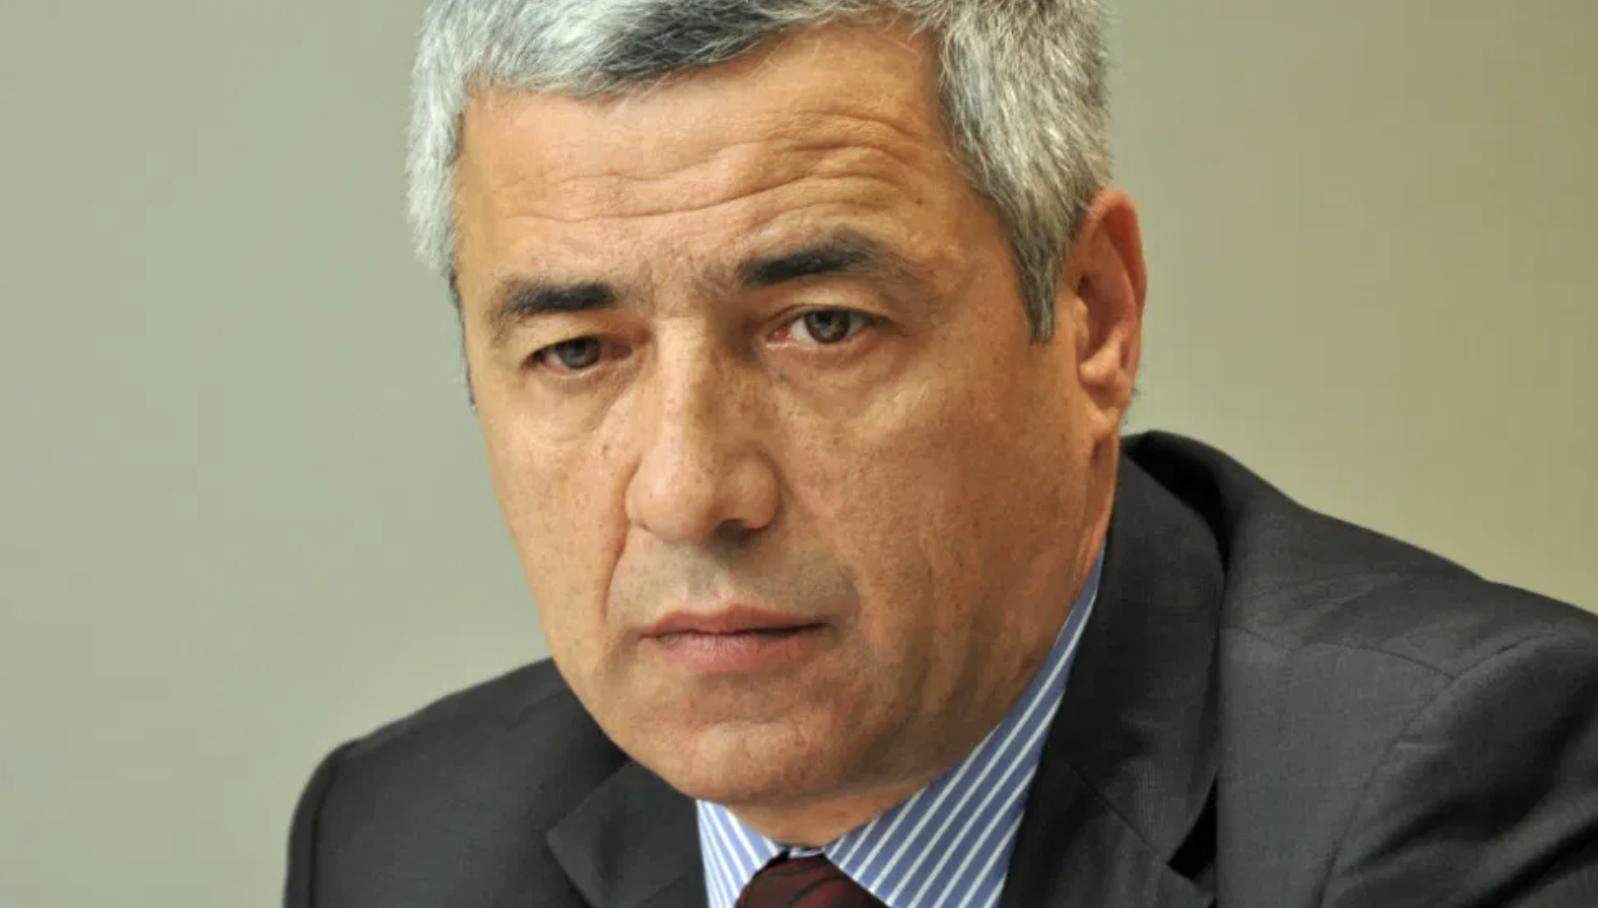 Κοσσυφοπέδιο: Απαγγέλθηκαν στο δικαστήριο οι κατηγορίες για την δολοφονία Ivanovic